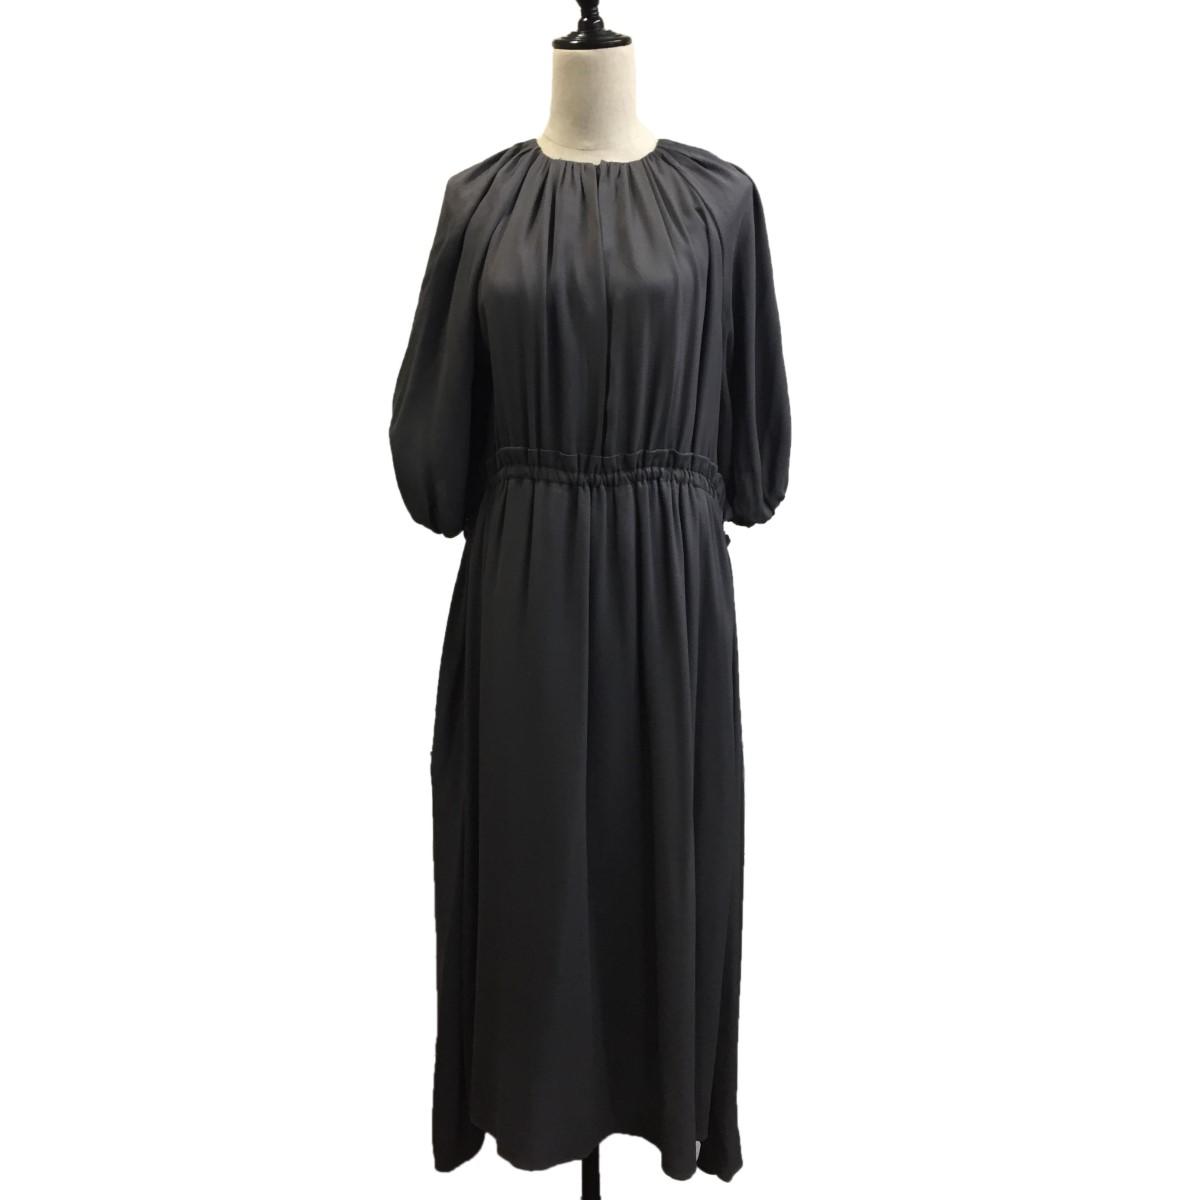 ドゥロワー 中古 休み 永遠の定番 DRAWER ノーカラーギャザードレス サイズ:36 グレー 170221